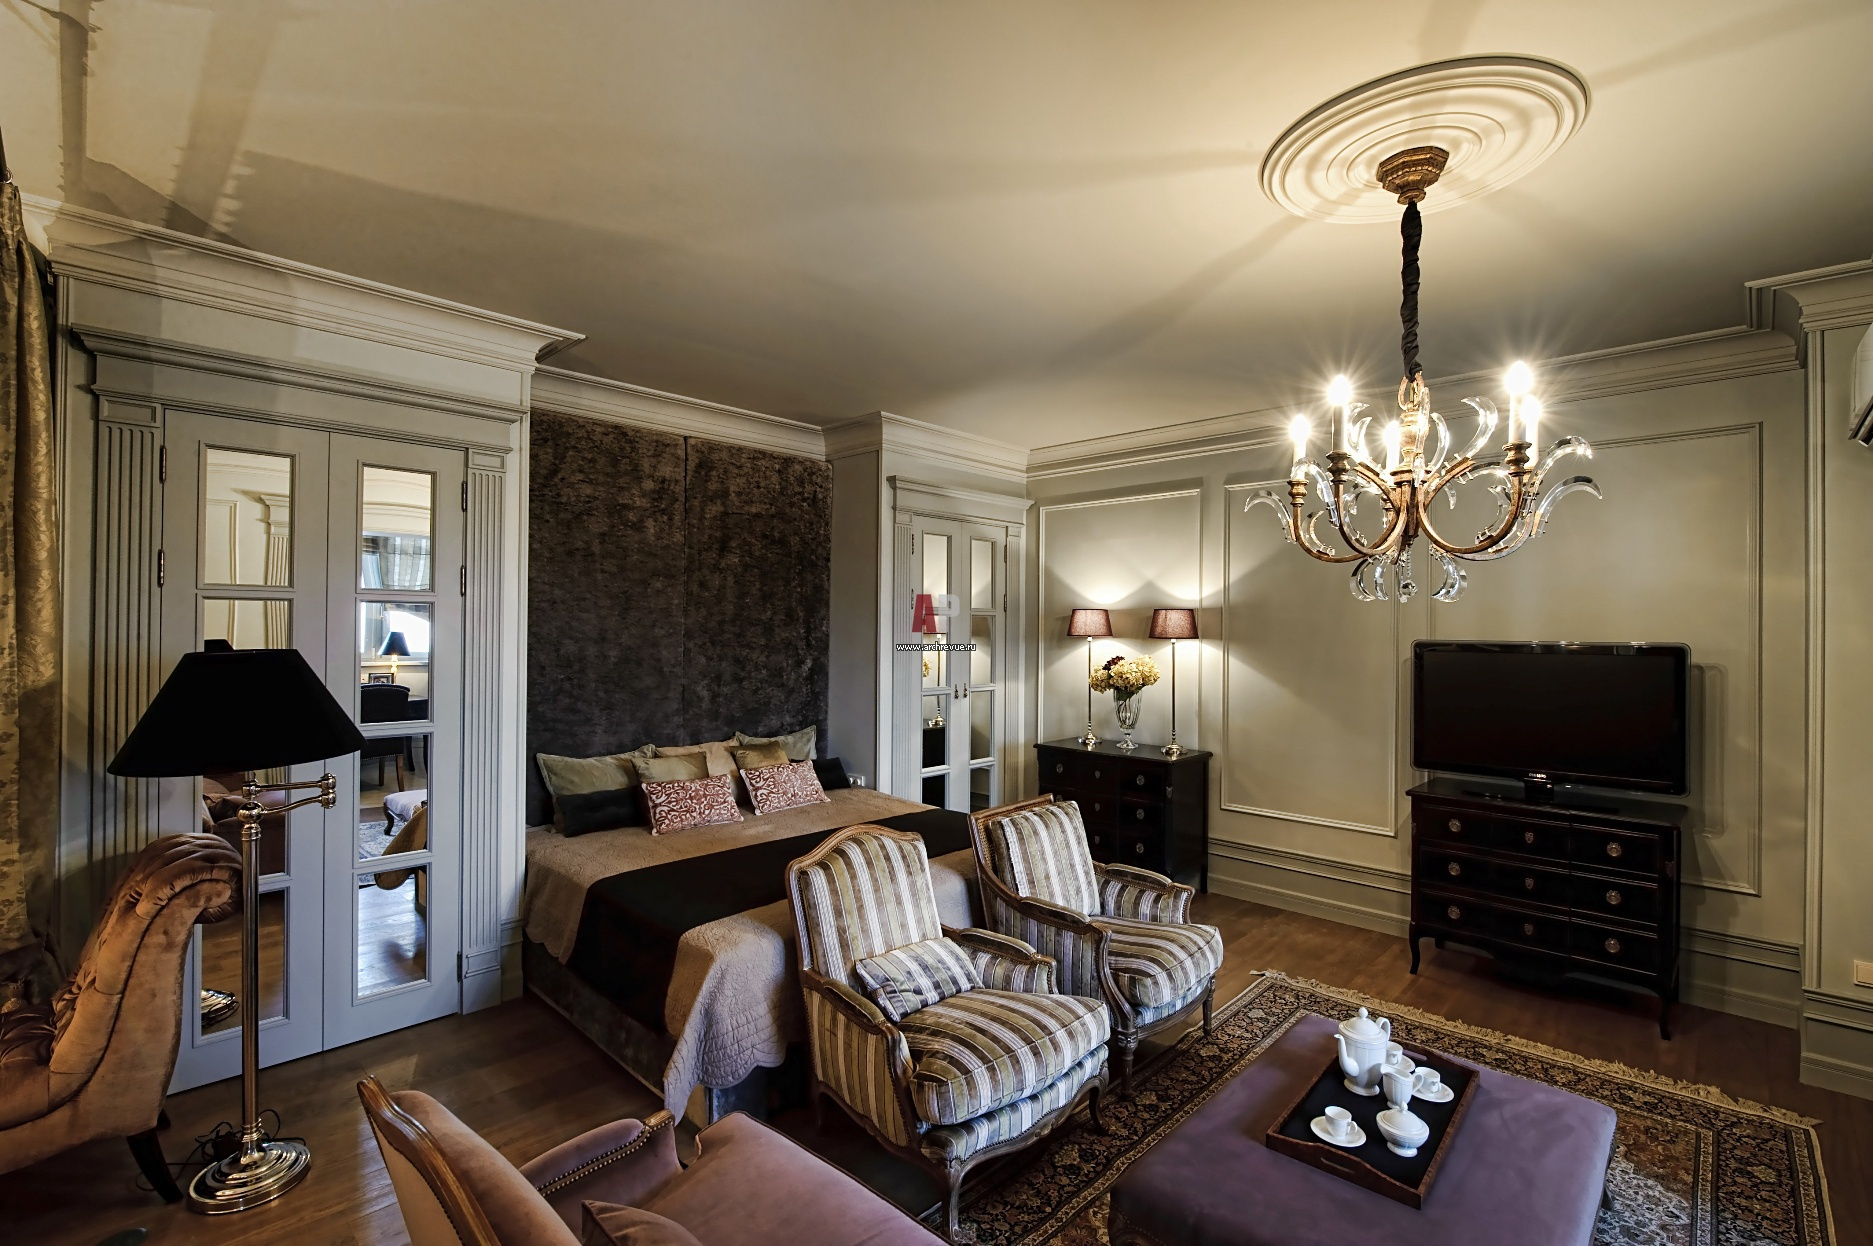 дизайн квартиры студии фото спальня